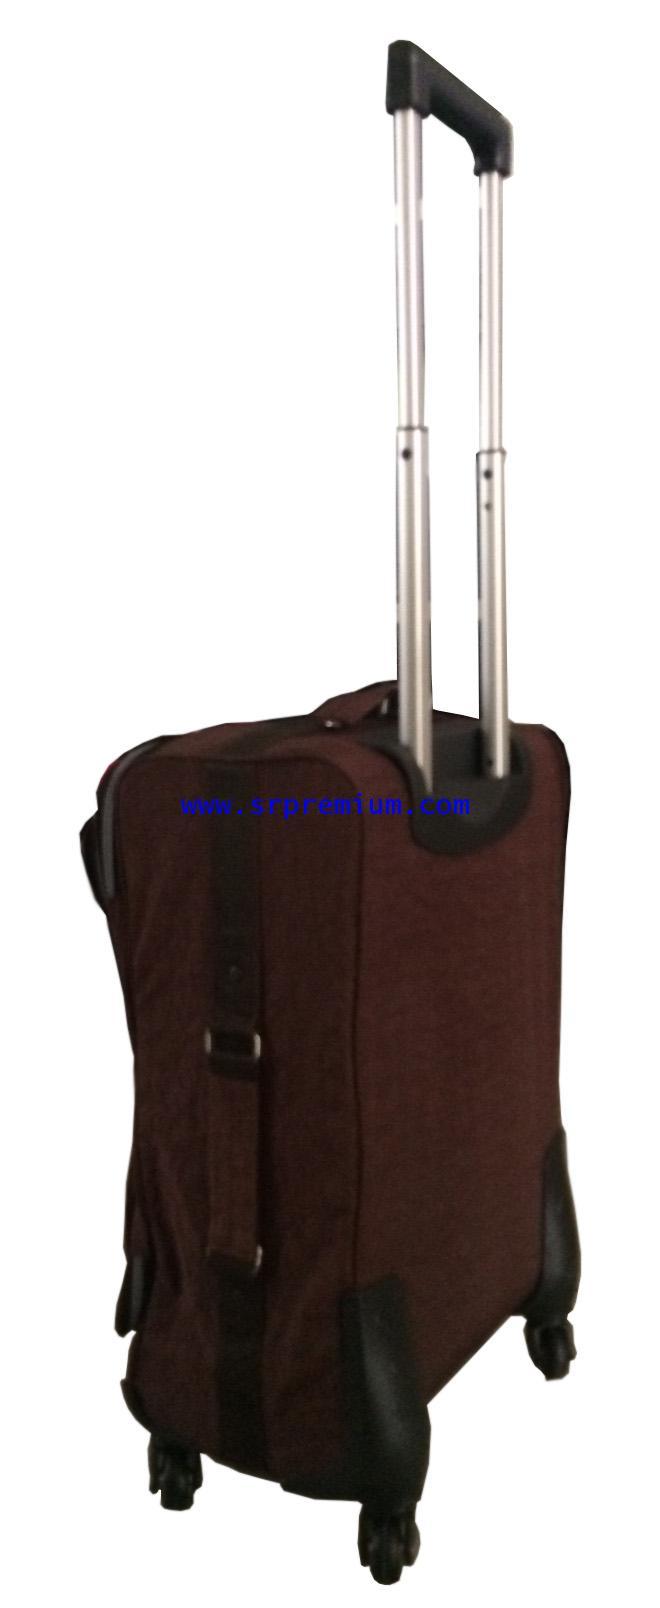 กระเป๋าเดินทาง  คันชักและล้อลาก 4 ล้อ ขนาด 20 นิ้ว รุ่น 04-0026